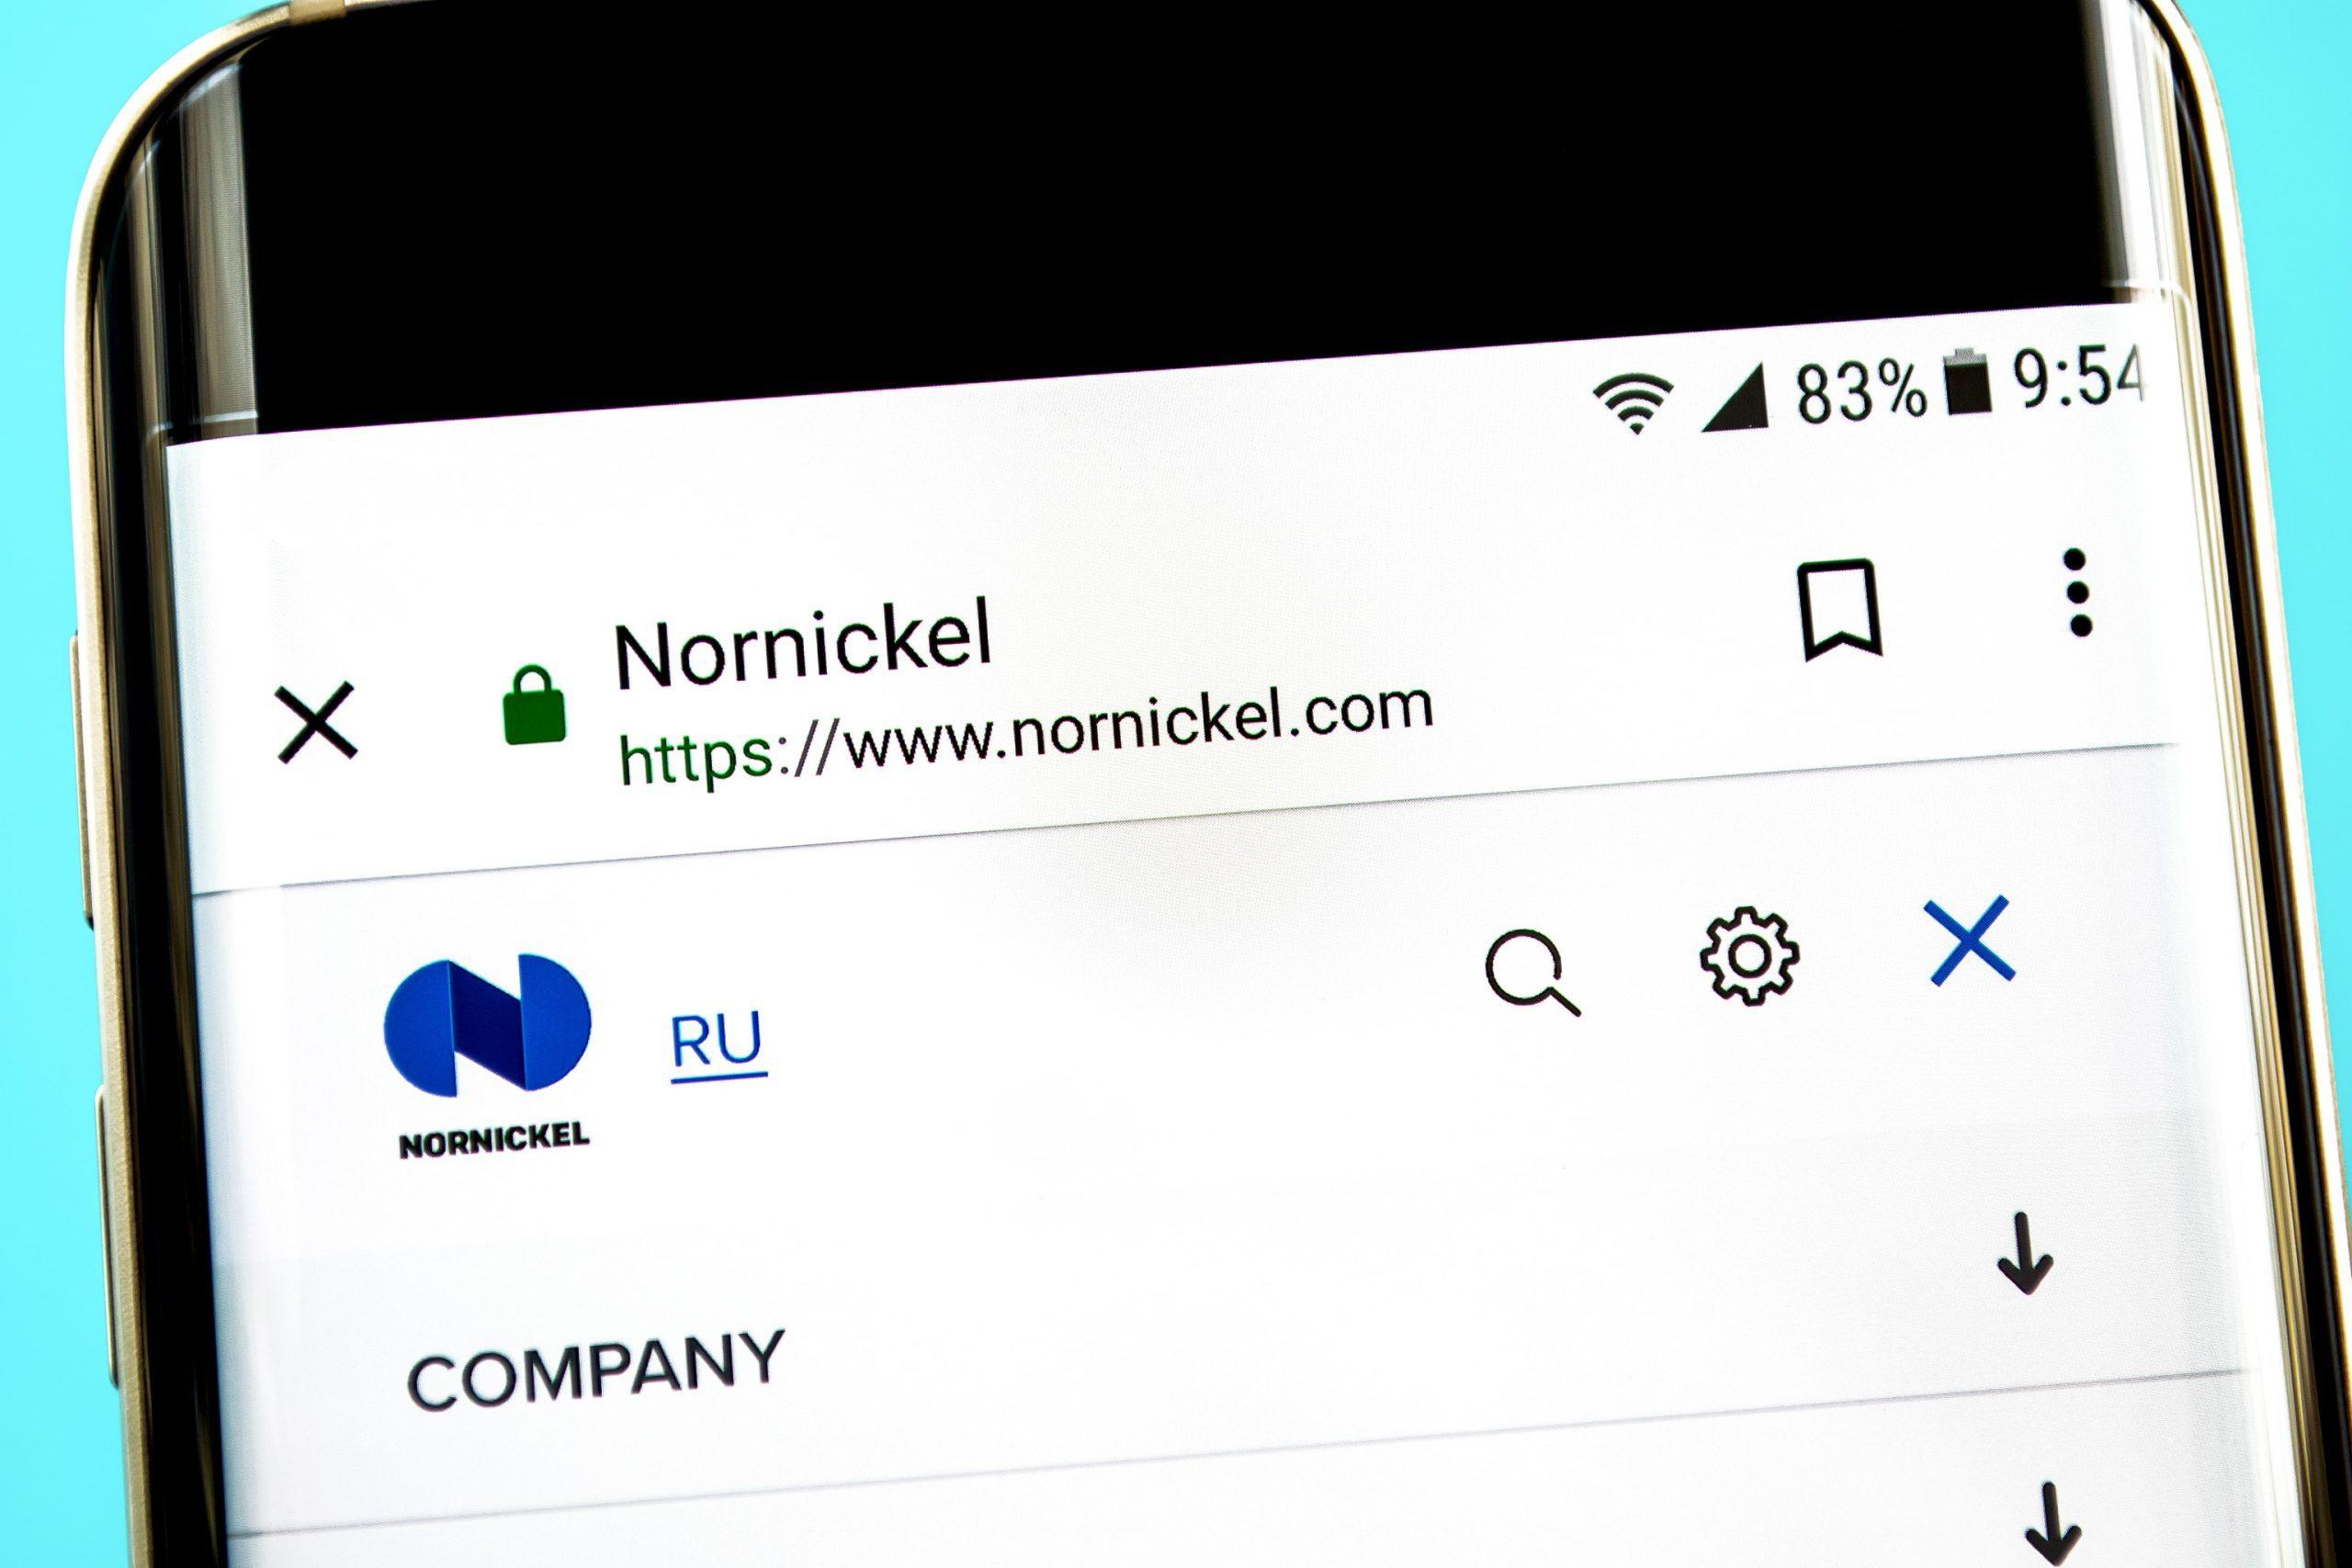 Nornickel auf einem Smartphone